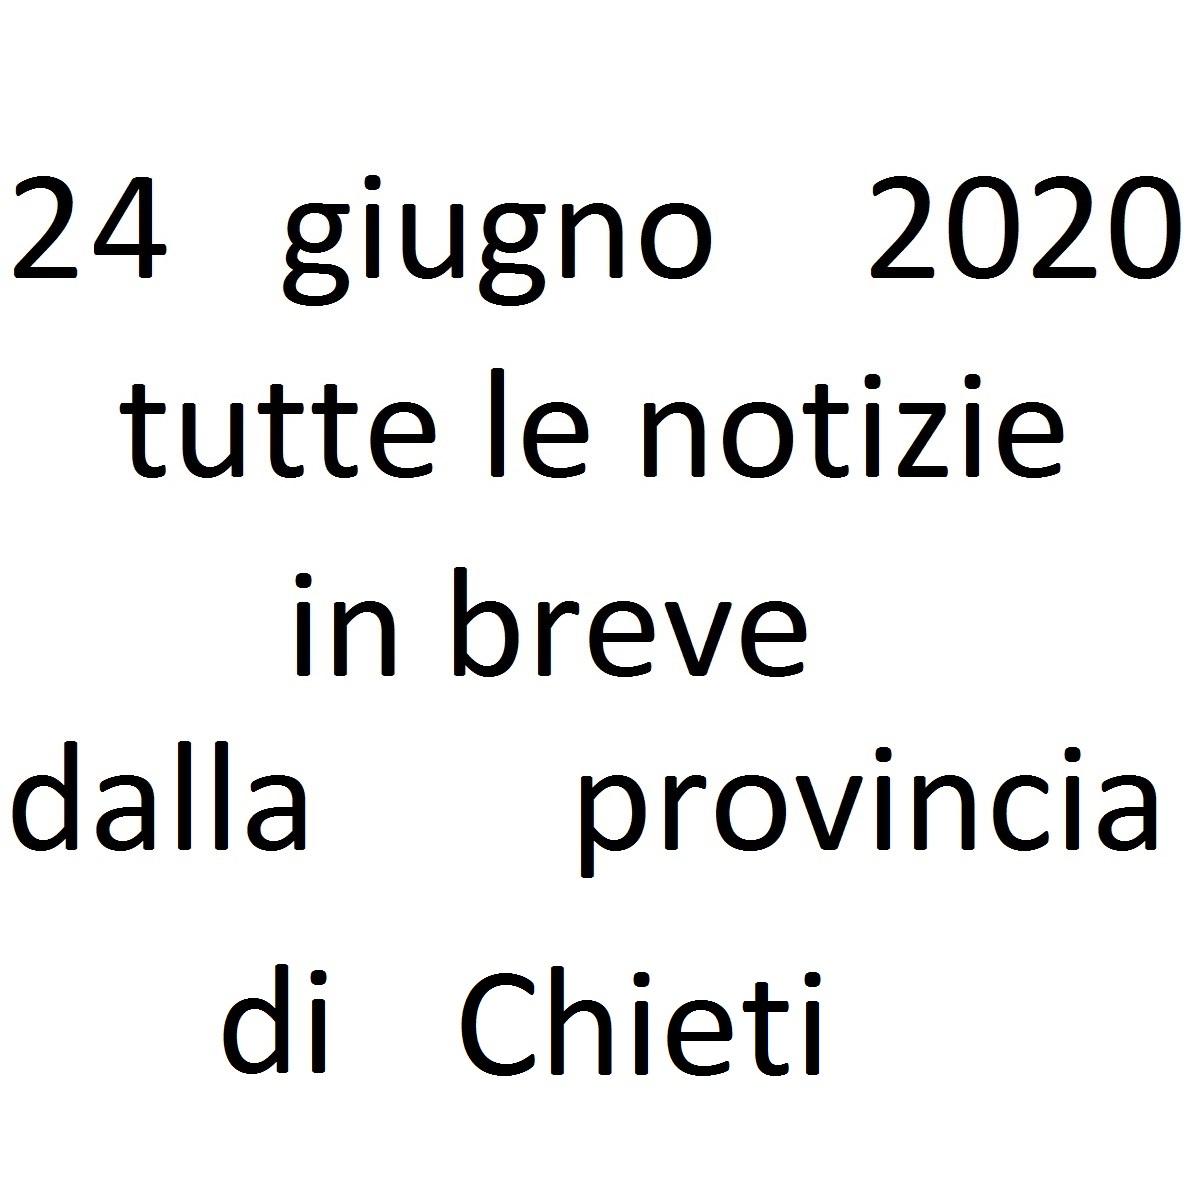 24 giugno 2020 notizie in breve dalla Provincia di Chieti foto